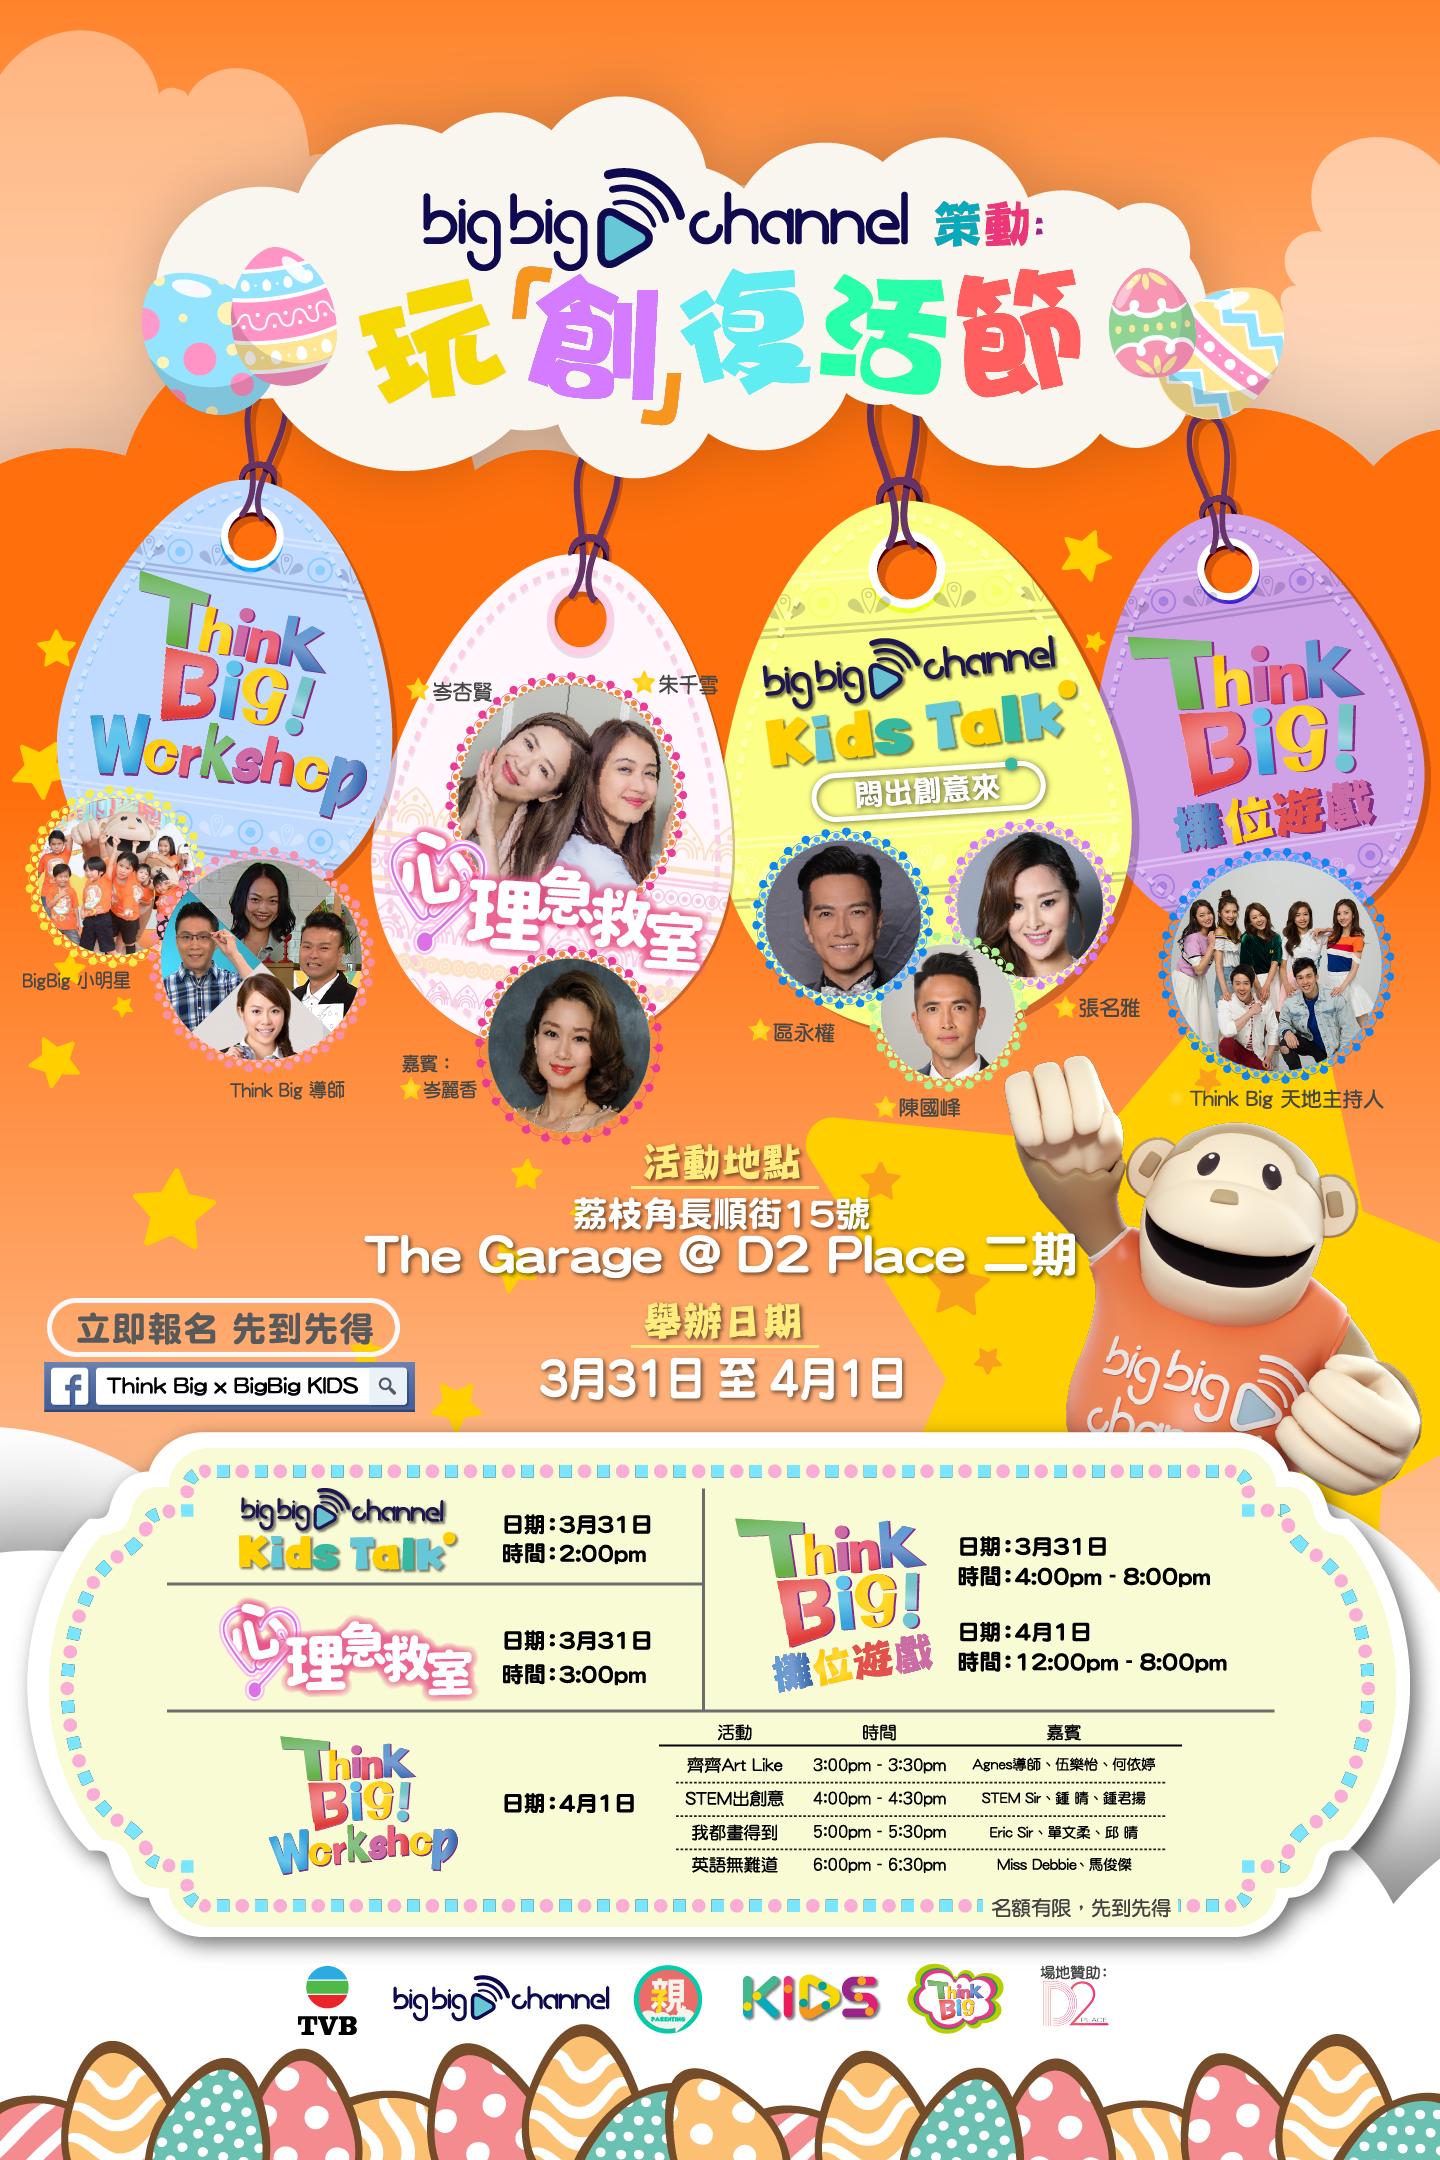 Big Big Kids 策動:玩「創」復活節 Poster v2.png